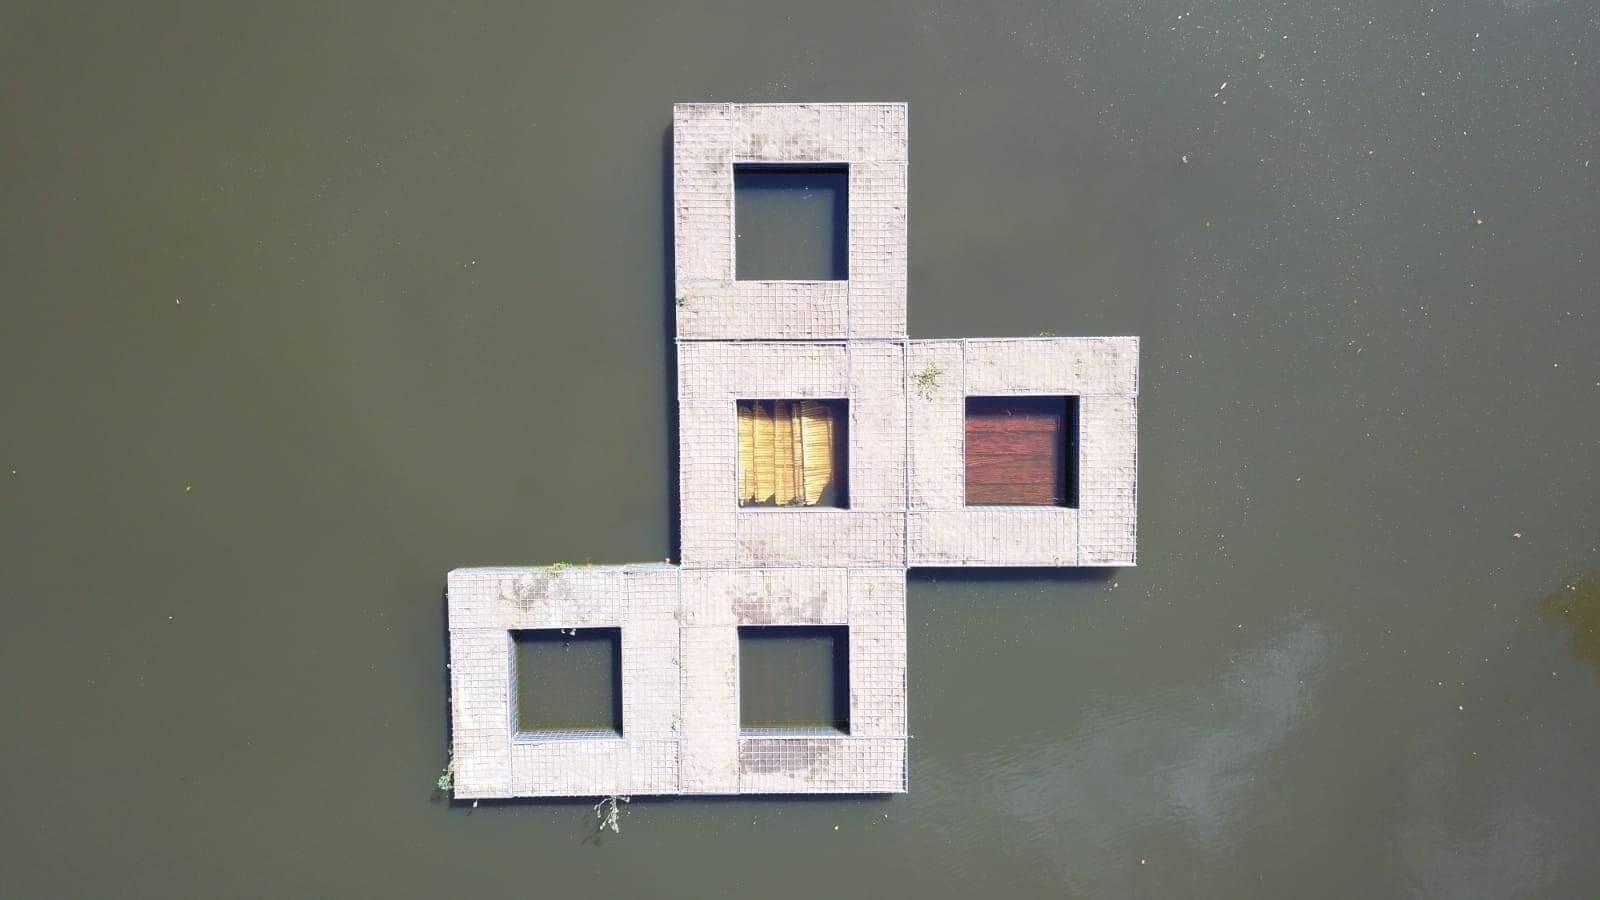 Drijvende Eilanden In Tongelreep Eindhoven Om Waterkwaliteit Te Verbeteren